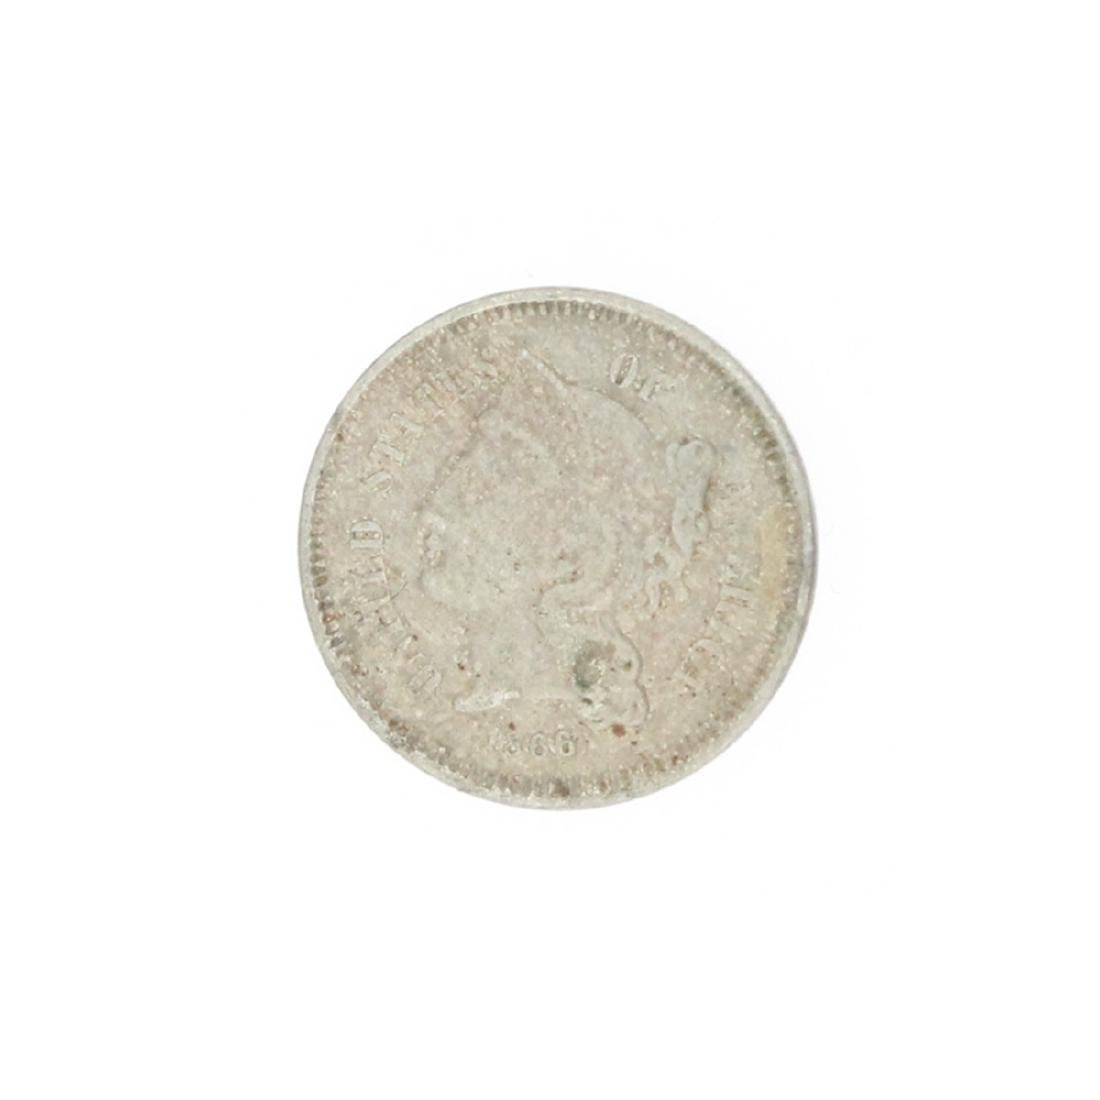 1866 Three Cent Piece Nickel Coin